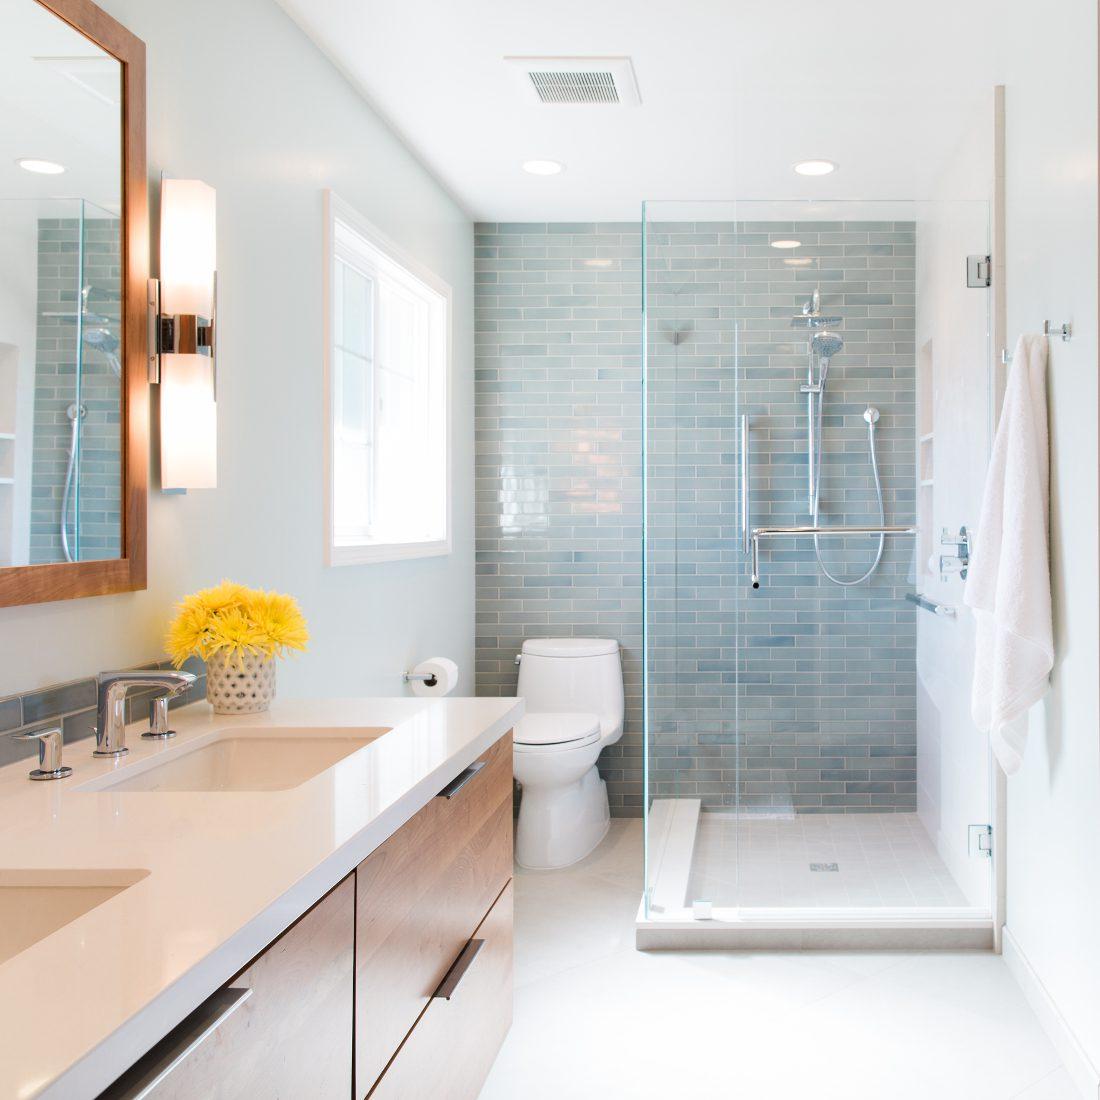 Bathroom Remodeling Checklist | Case Design/Remodeling of San Jose